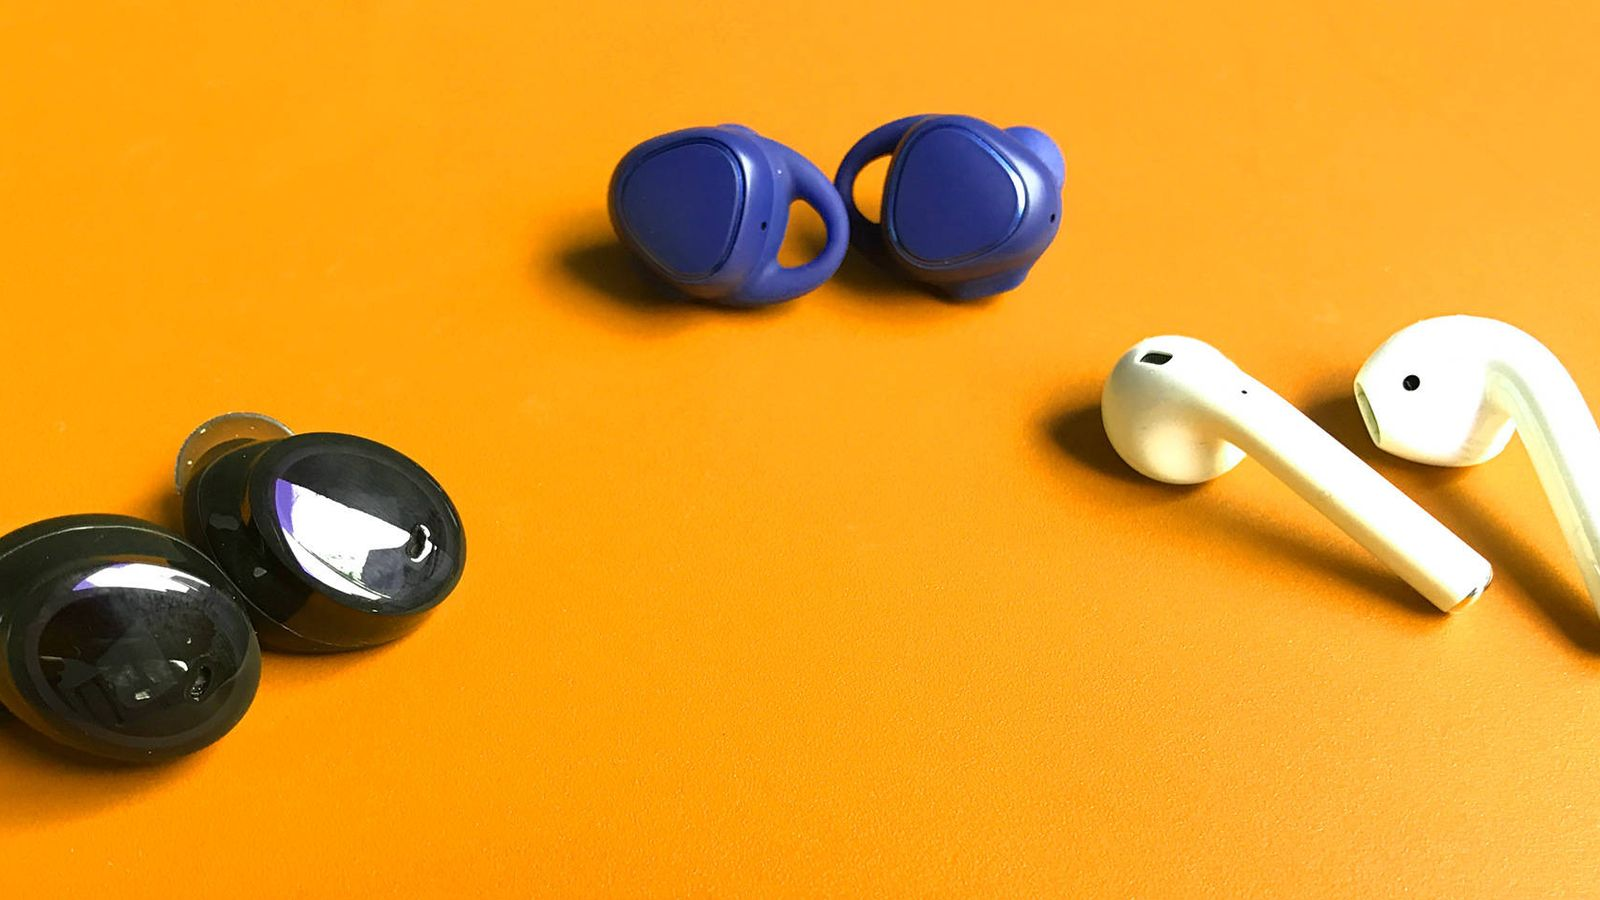 Foto: Los auriculares Dash (izquierda), del fabricante alemán Bragi, los Samsung IconX (centro), y los AirPods de Apple. (Foto: Pablo Ortega)